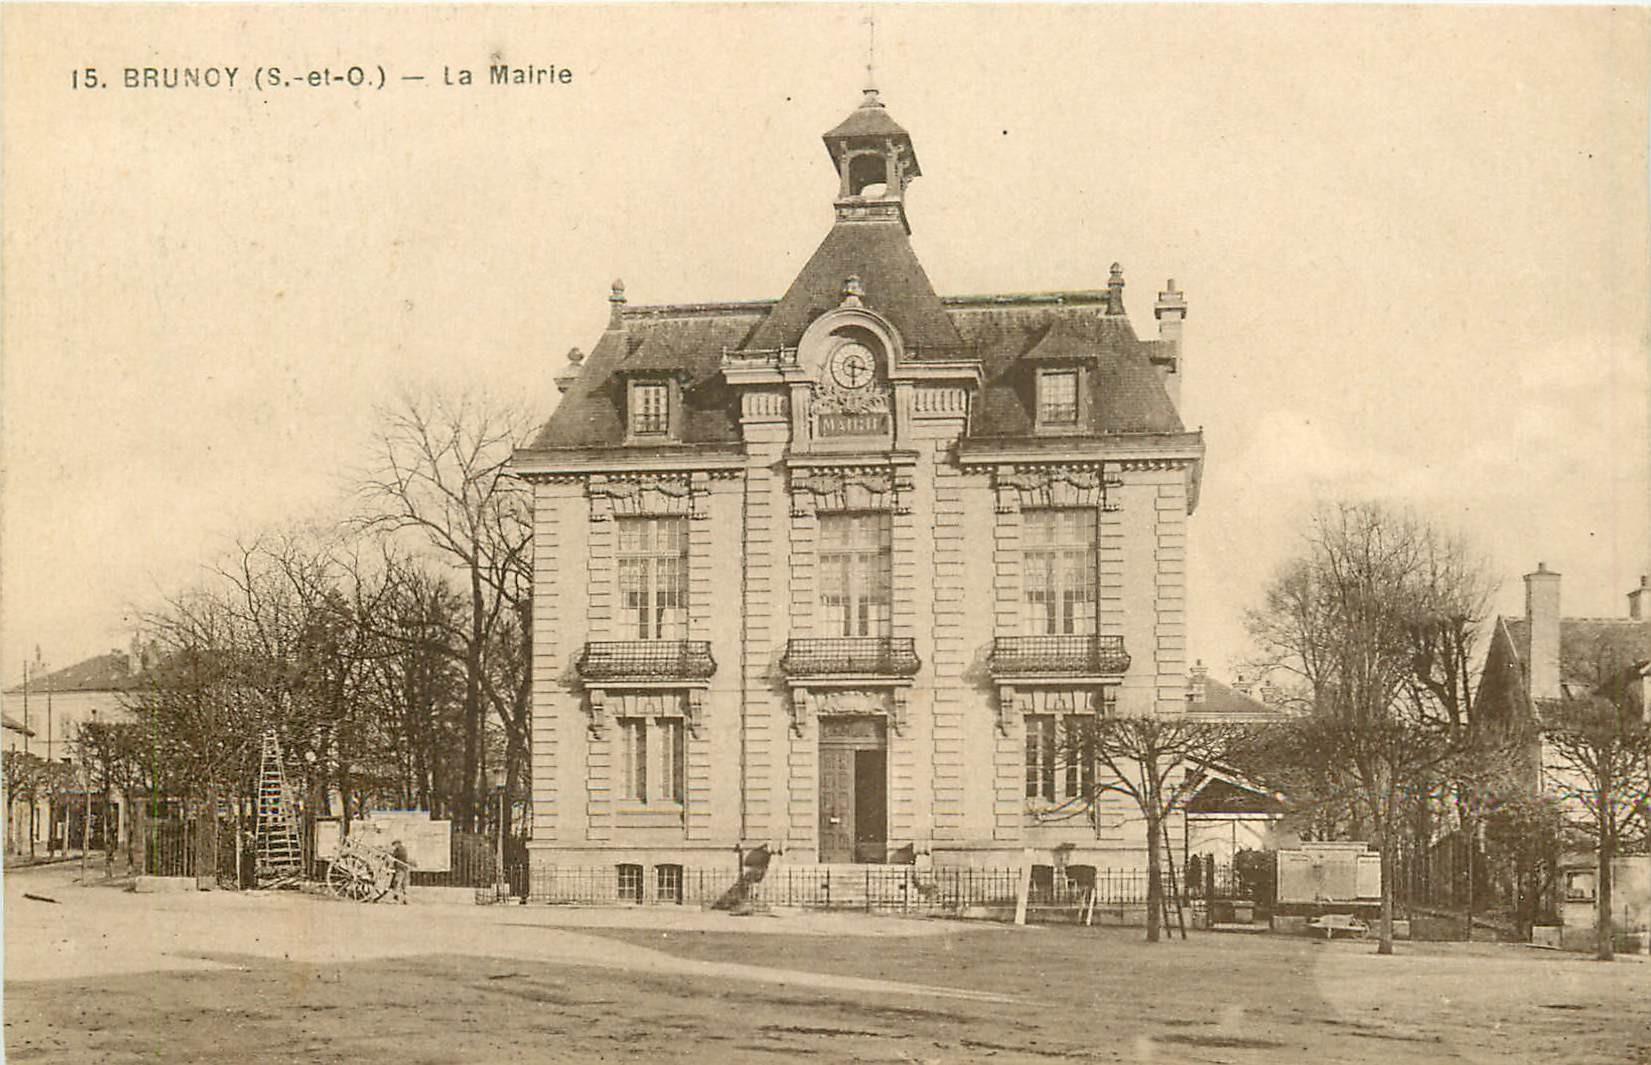 BRUNOY. La Mairie